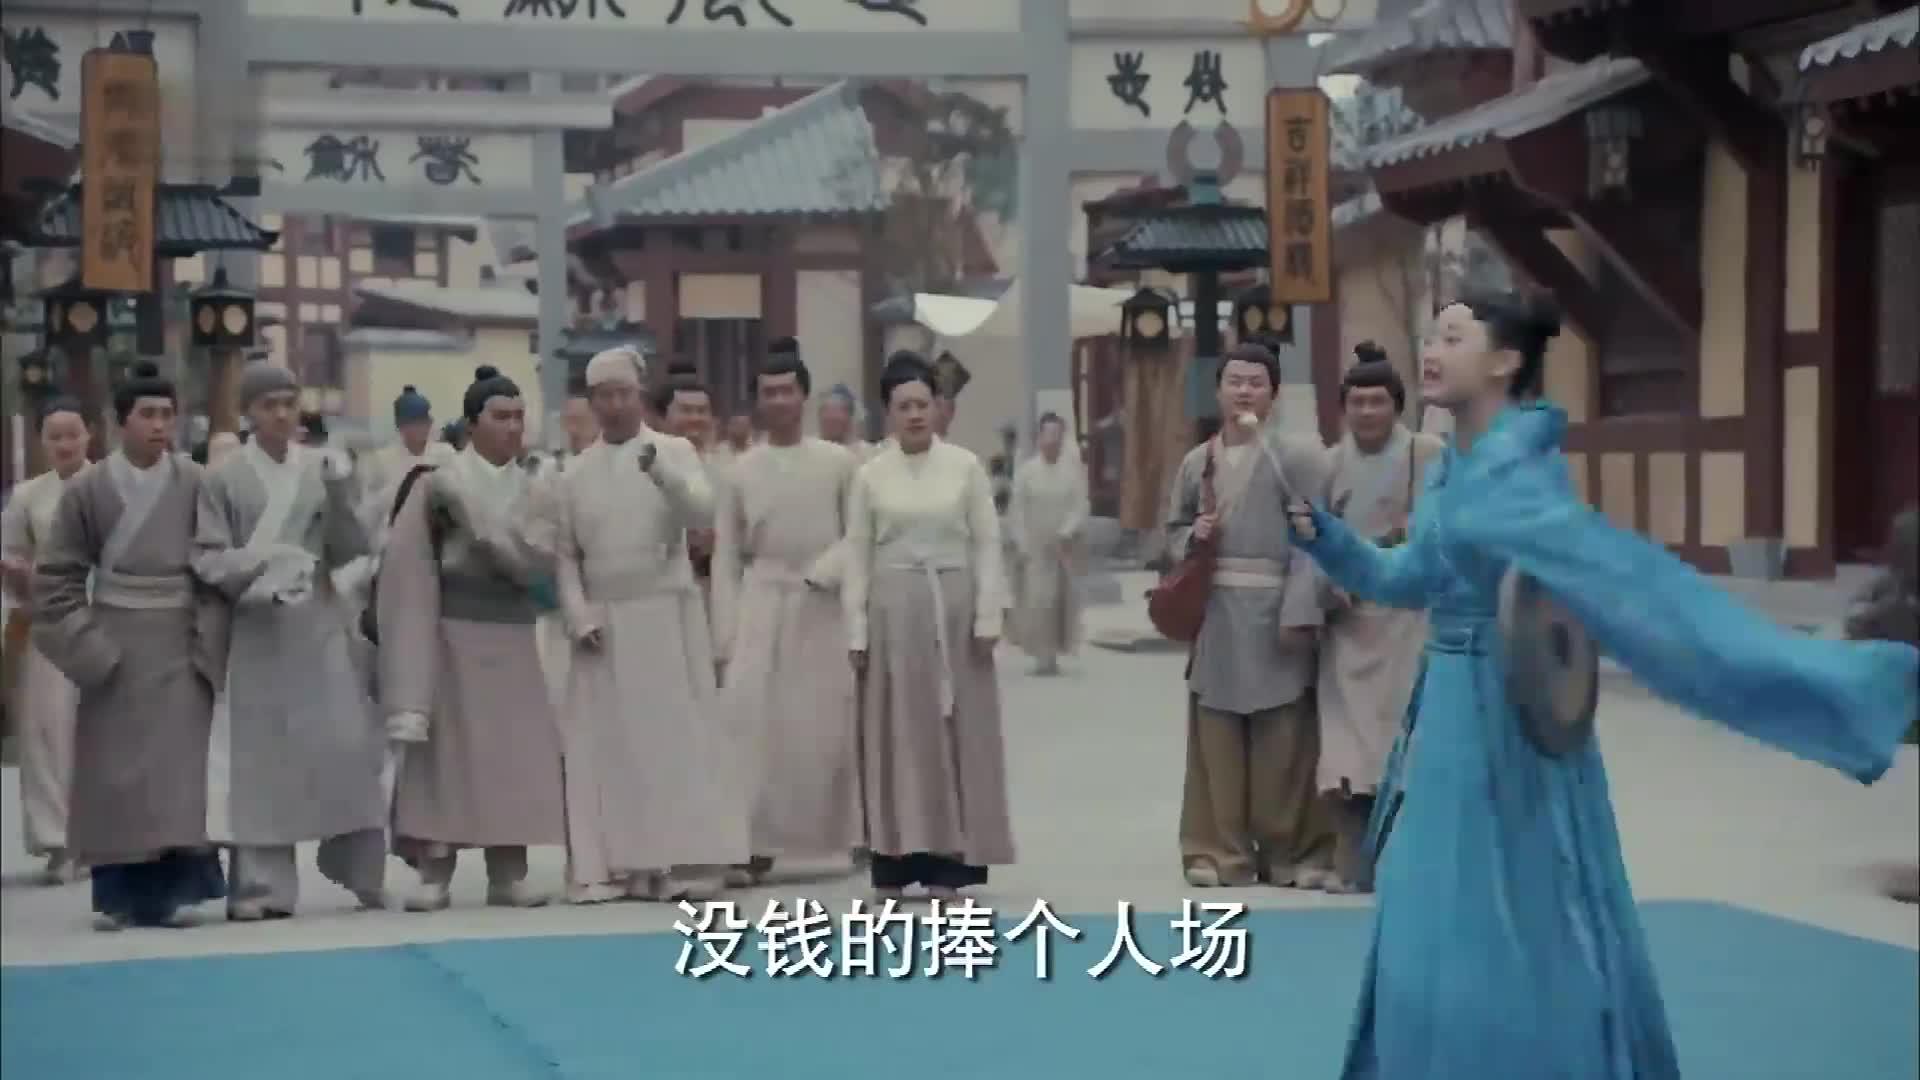 #我的少女心#关晓彤当众卖艺, 小朋友耍杂技竟获得皇帝点赞!